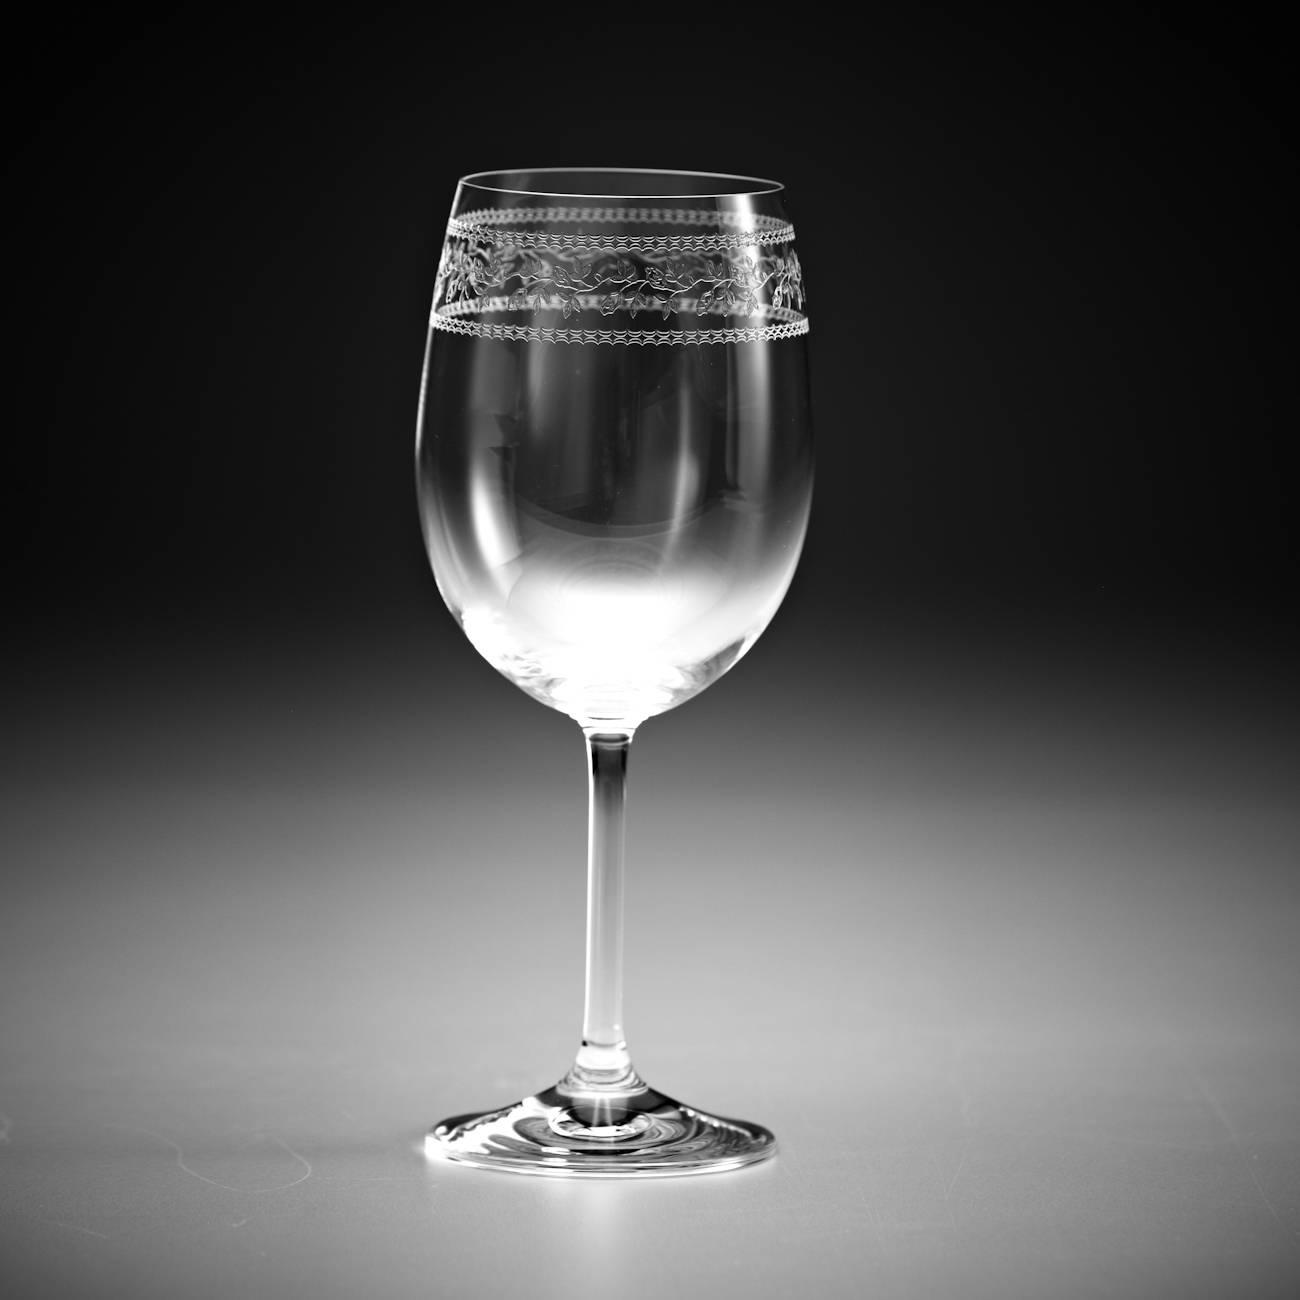 Conjunto de Taças para Vinho Tinto Sara Pantografadas - 6 Peças - em Cristal - Rona